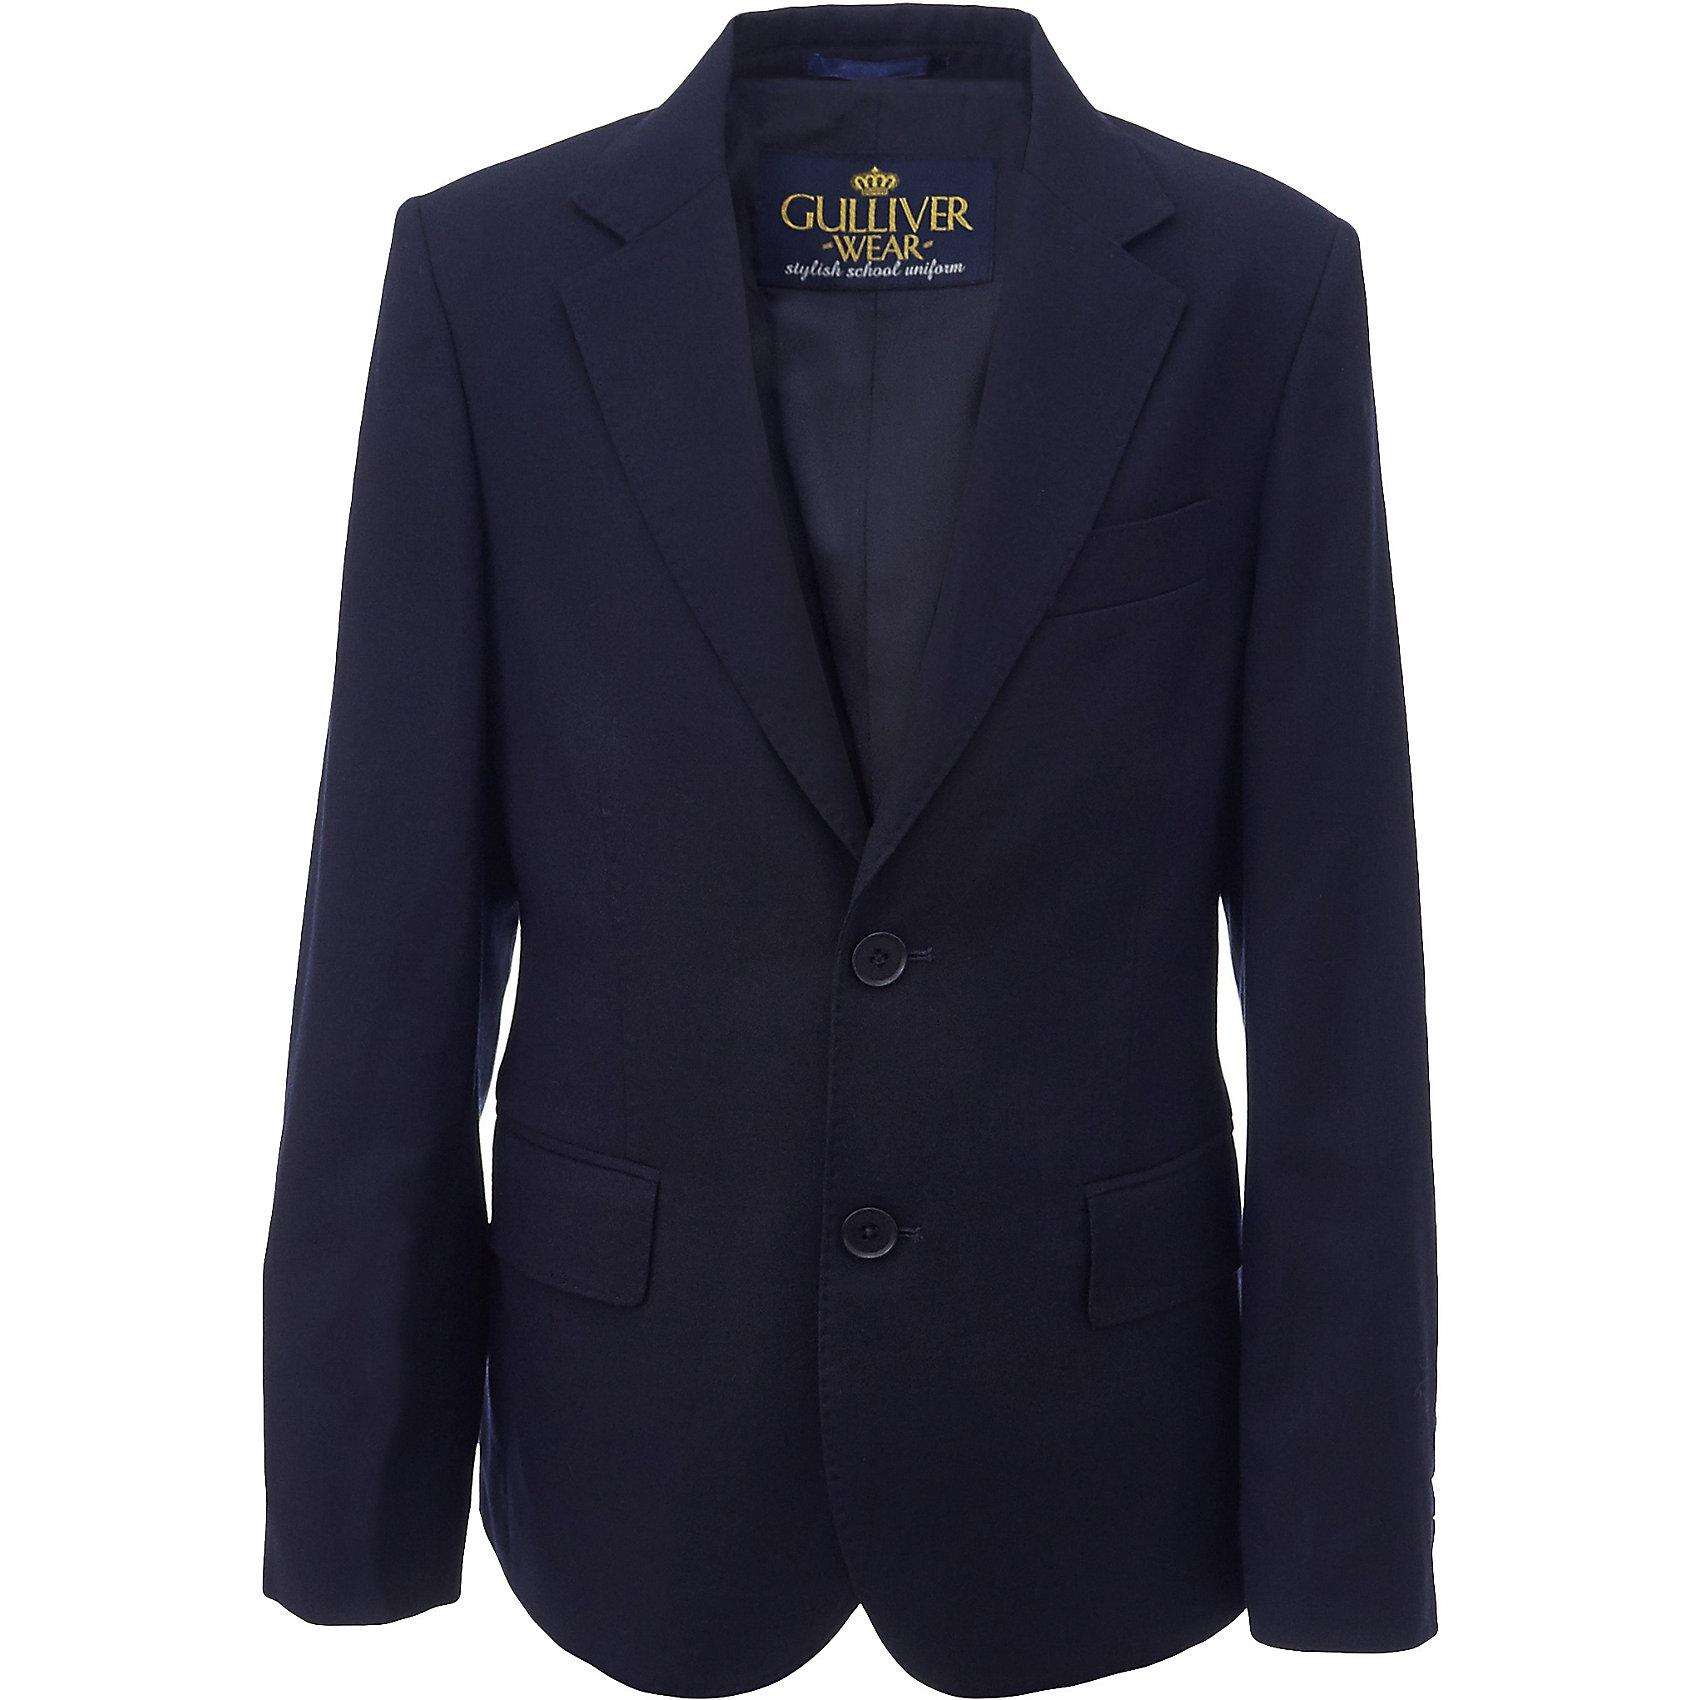 Пиджак для мальчика GulliverКостюмы и пиджаки<br>Характеристики товара:<br><br>• цвет: синий<br>• состав: 10% шерсть, 25% вискоза, 65% полиэстер<br>• подкладка: 50% вискоза, 50% полиэстер <br>• сезон: демисезон<br>• застежки: пуговицы<br>• особенности: школьный, на подкладке<br>• страна бренда: Российская Федерация<br>• страна производства: Российская Федерация<br><br>Школьный пиджак для мальчика. Синий пиджак на подкладке застегивается на пуговицы.<br><br>Пиджак для мальчика Gulliver (Гулливер) можно купить в нашем интернет-магазине.<br><br>Ширина мм: 190<br>Глубина мм: 74<br>Высота мм: 229<br>Вес г: 236<br>Цвет: синий<br>Возраст от месяцев: 144<br>Возраст до месяцев: 156<br>Пол: Мужской<br>Возраст: Детский<br>Размер: 158,170,122,128,134,140,146,152,164<br>SKU: 6678516